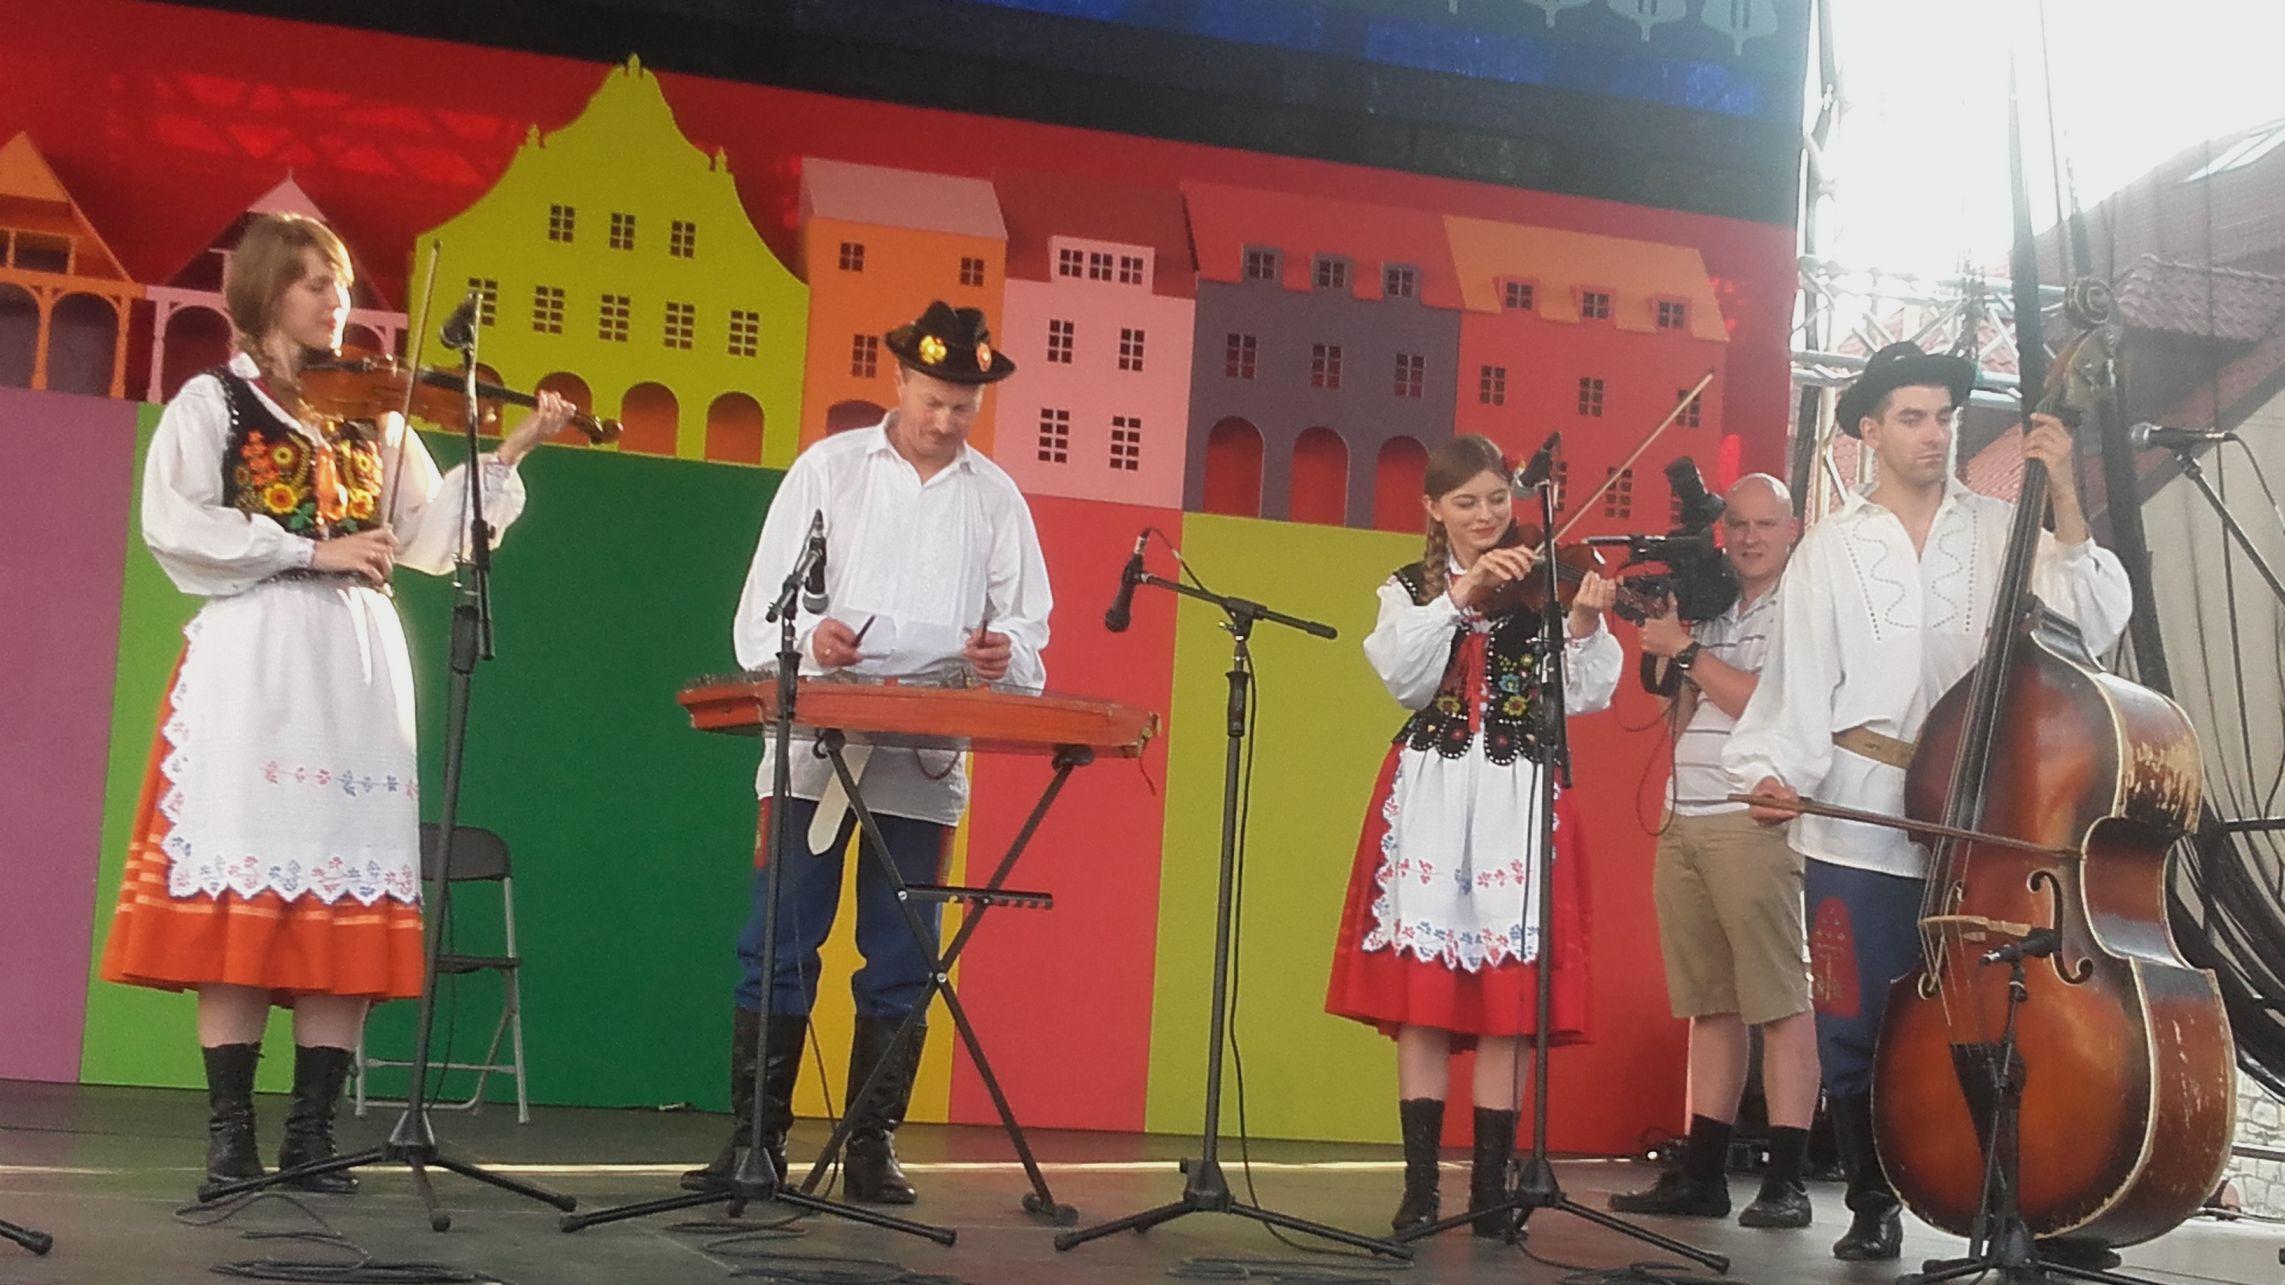 2016-06-25 Kazimierz Dolny - festiwal (98)